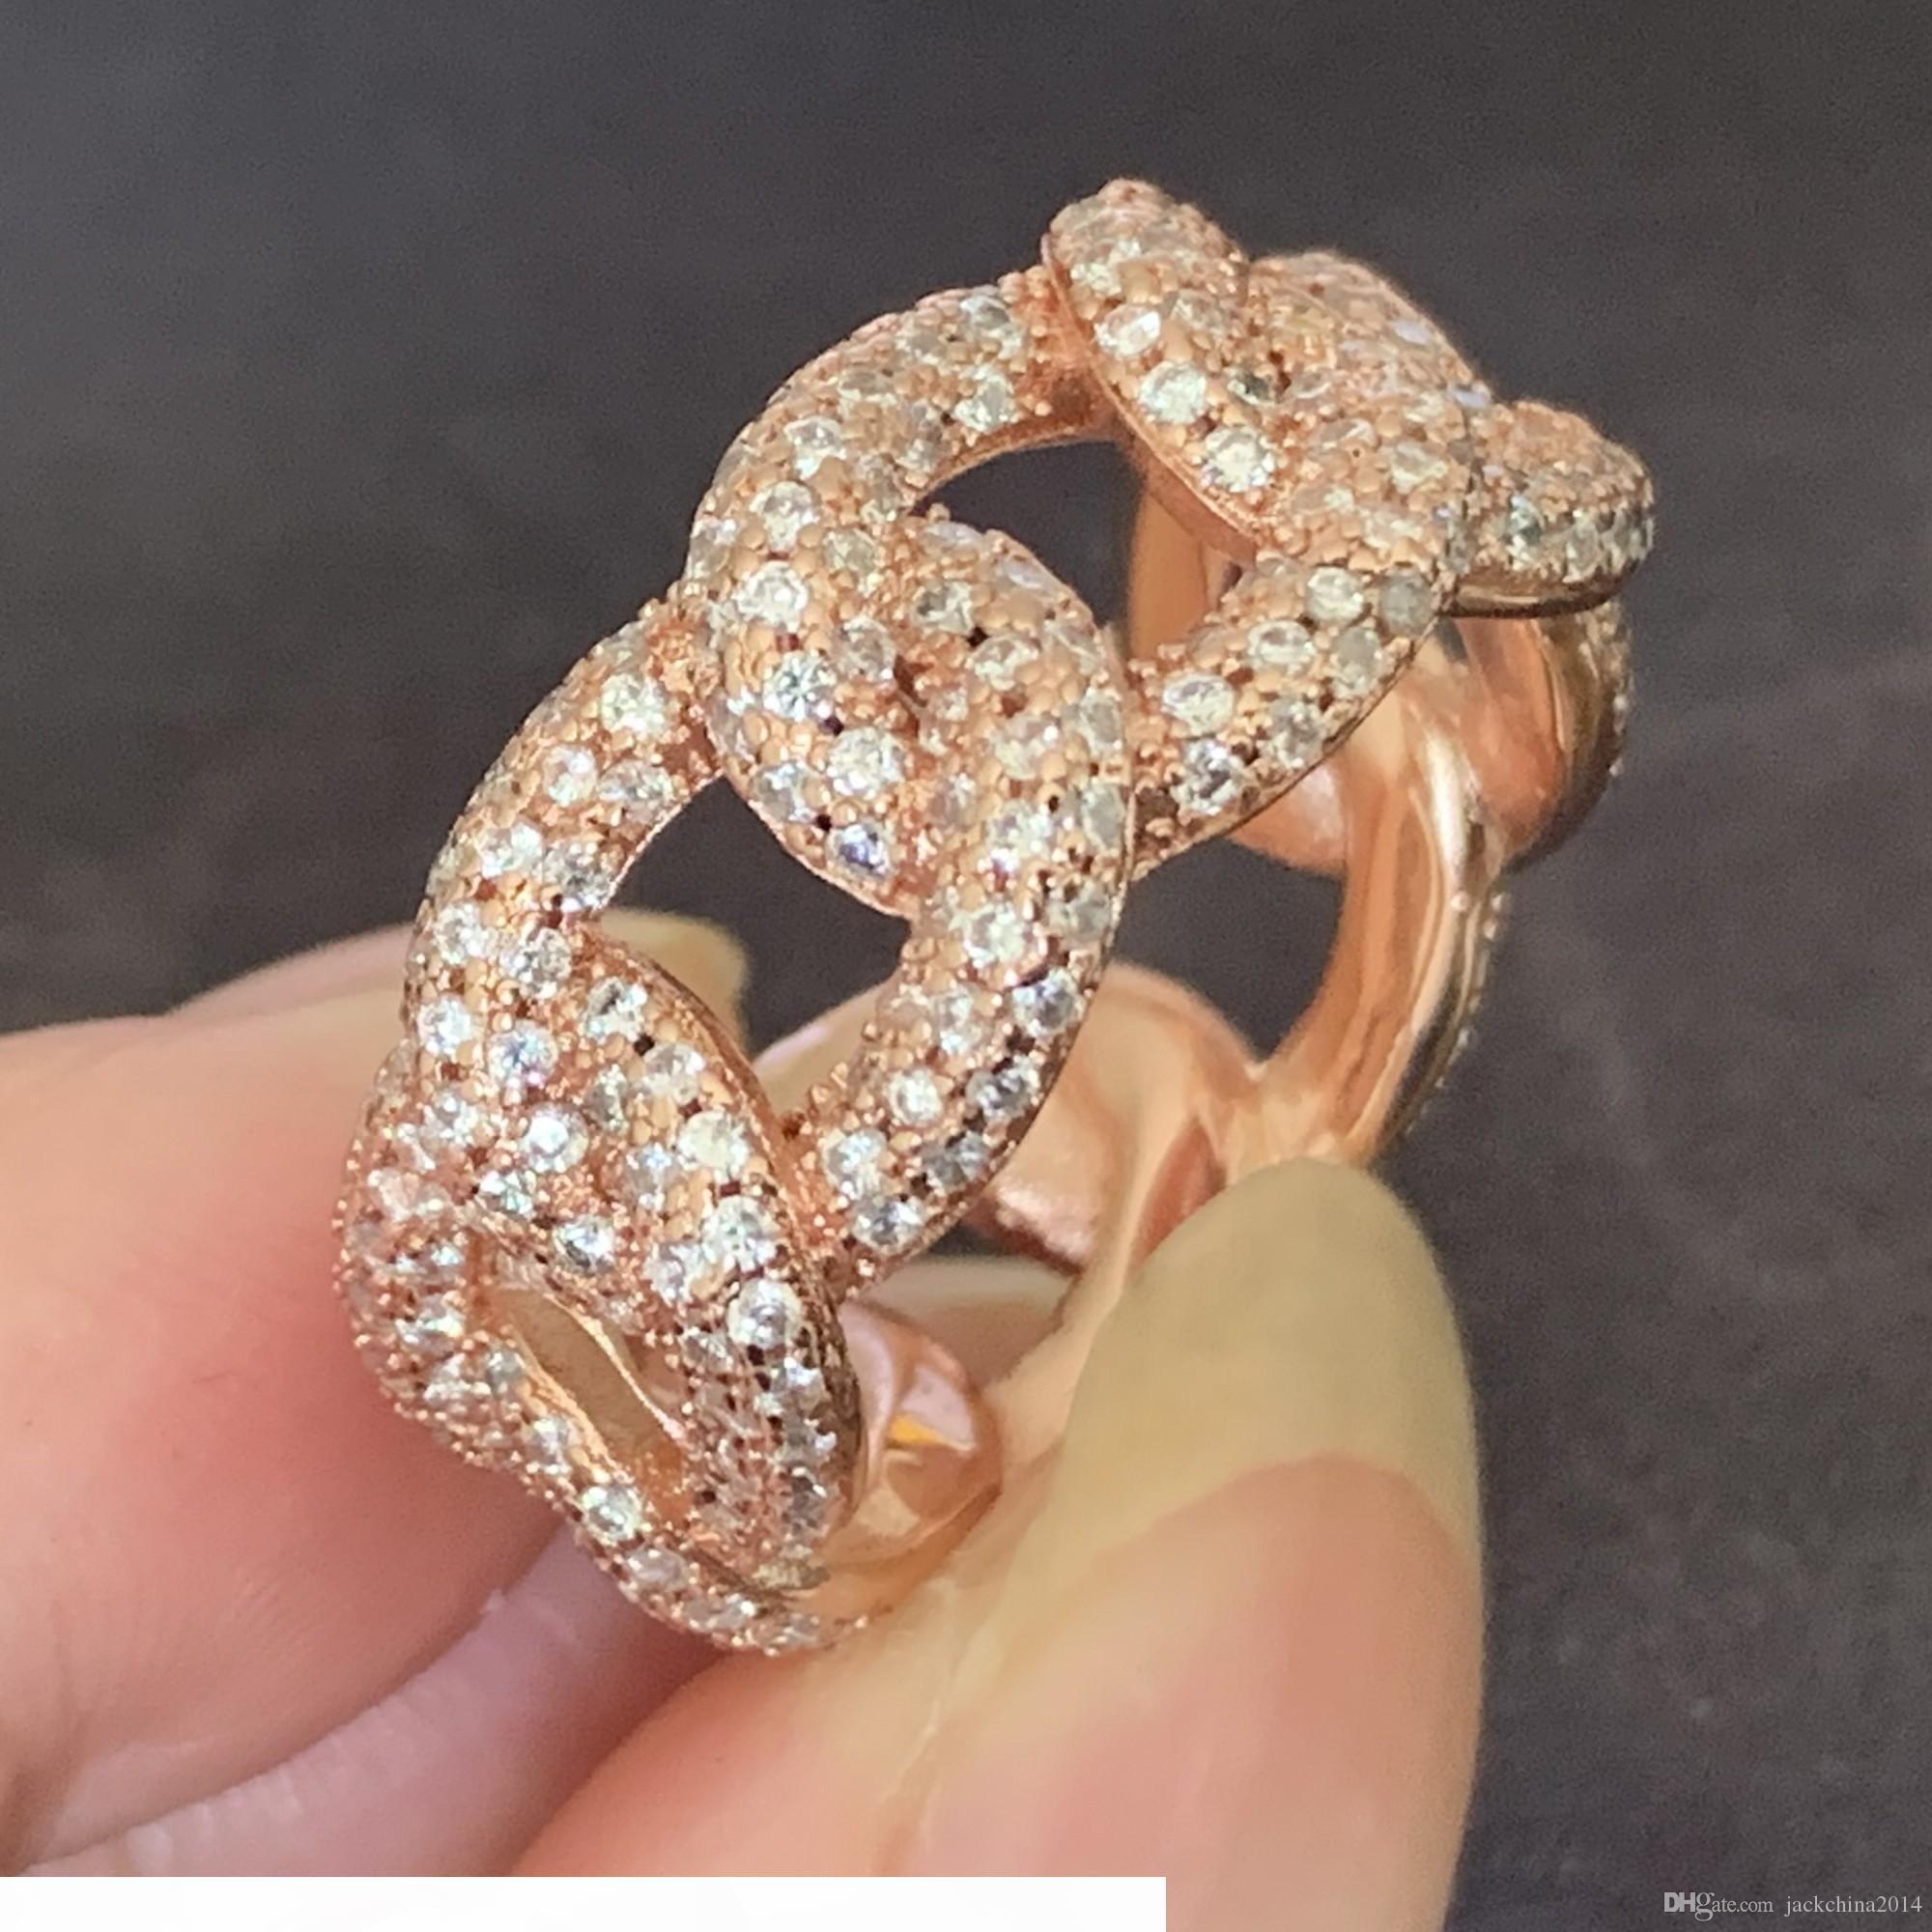 فيكتوريا Wieck خمر الأزياء والمجوهرات 925 SilverRose الذهب التعبئة مهد الأبيض الياقوت CZ الماس المرأة زفاف باند الطوق هدية